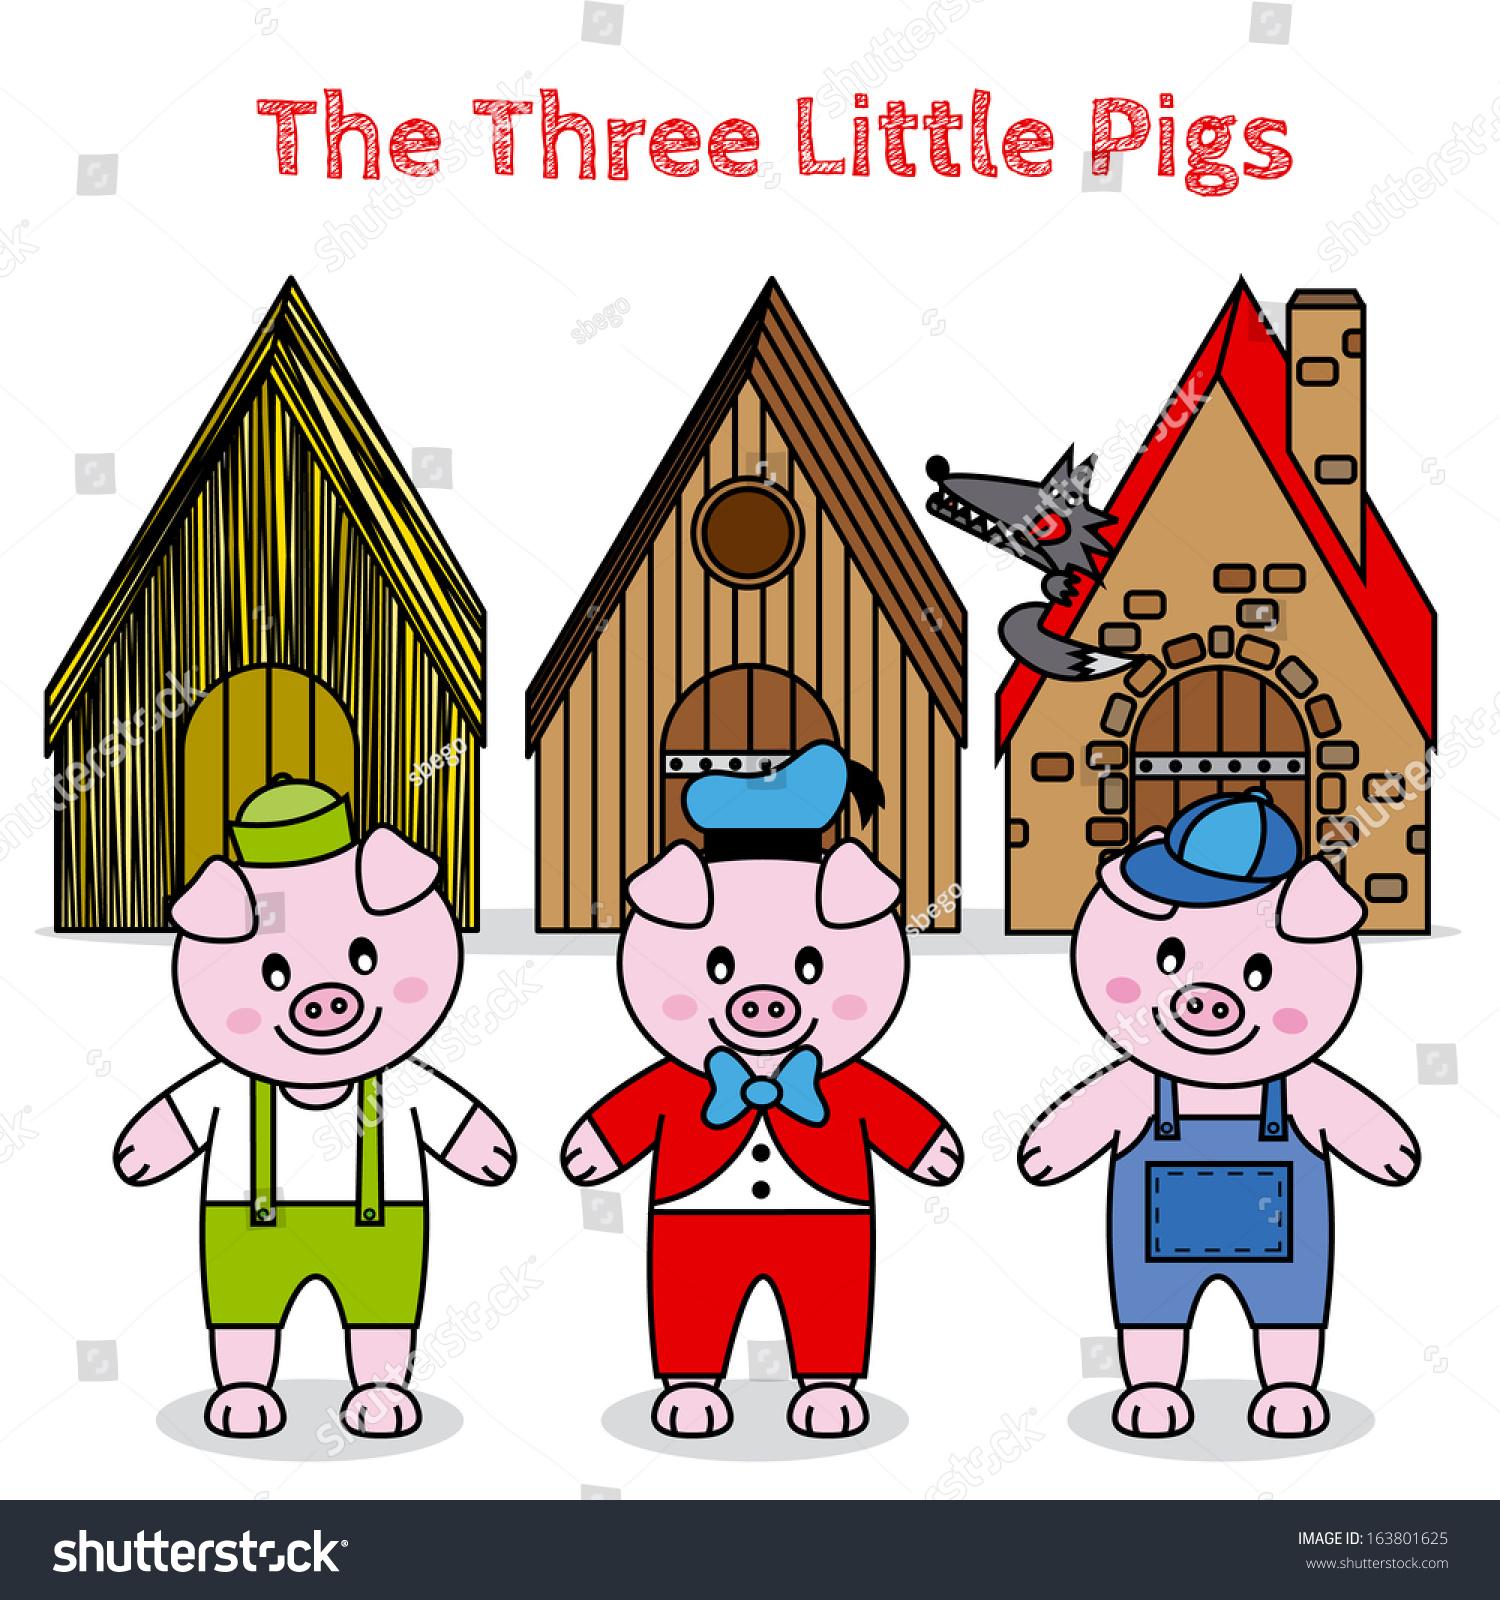 Three Little Pigs Fairytale Stock Vector 163801625 - Shutterstock